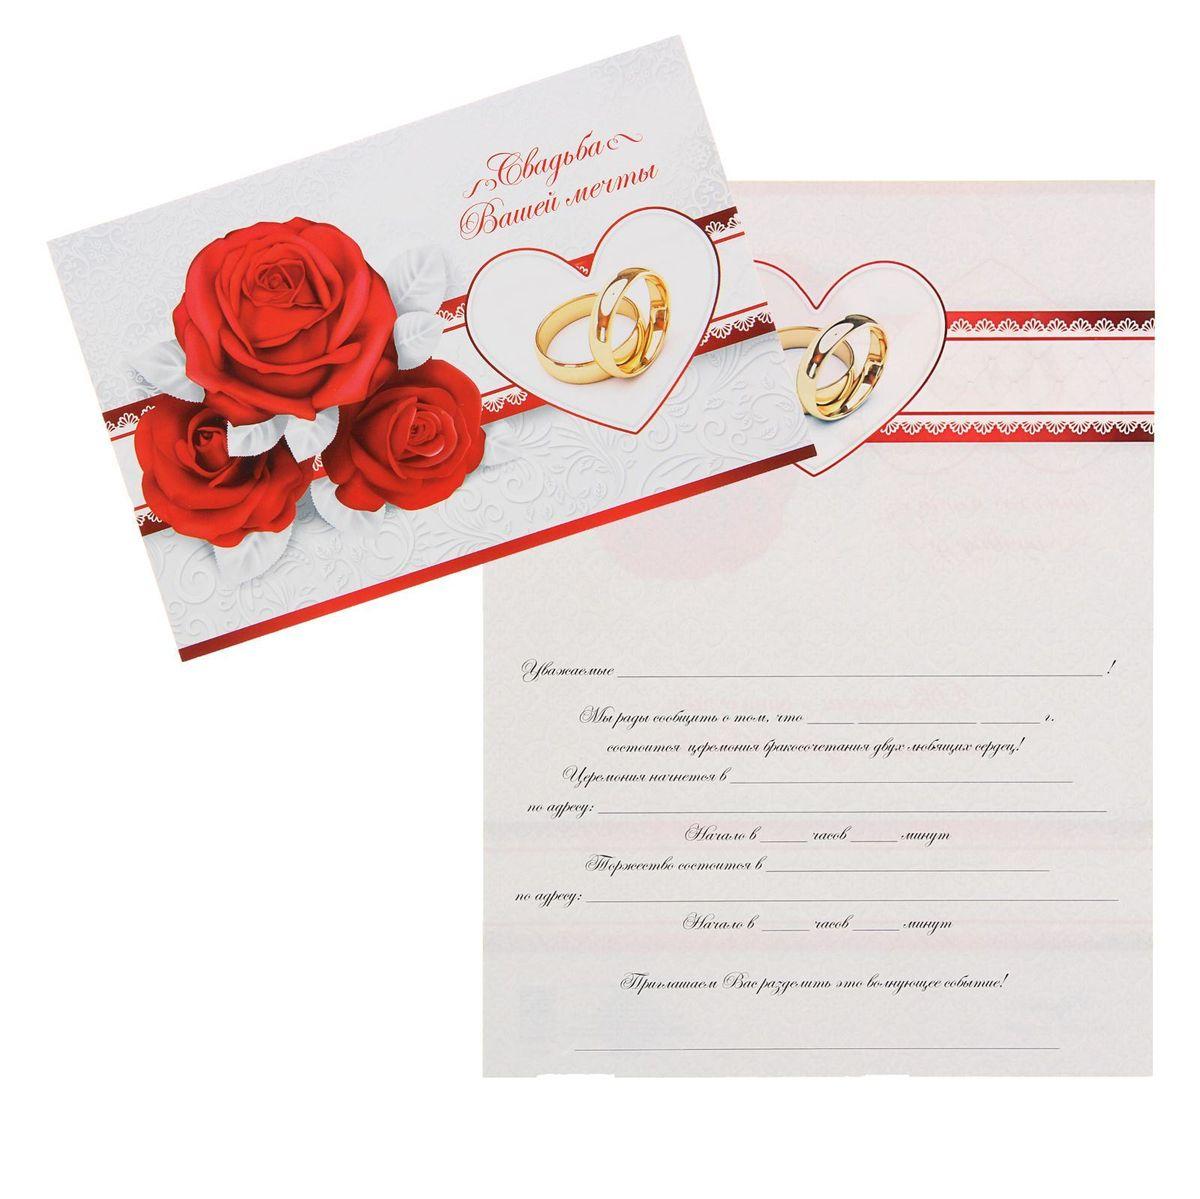 Sima-land Приглашение на свадьбу Красные розы, 18х12см1333773Свадьба — одно из главных событий в жизни каждого человека. Для идеального торжества необходимо продумать каждую мелочь. Родным и близким будет приятно получить индивидуальную красивую открытку с эксклюзивным дизайном.